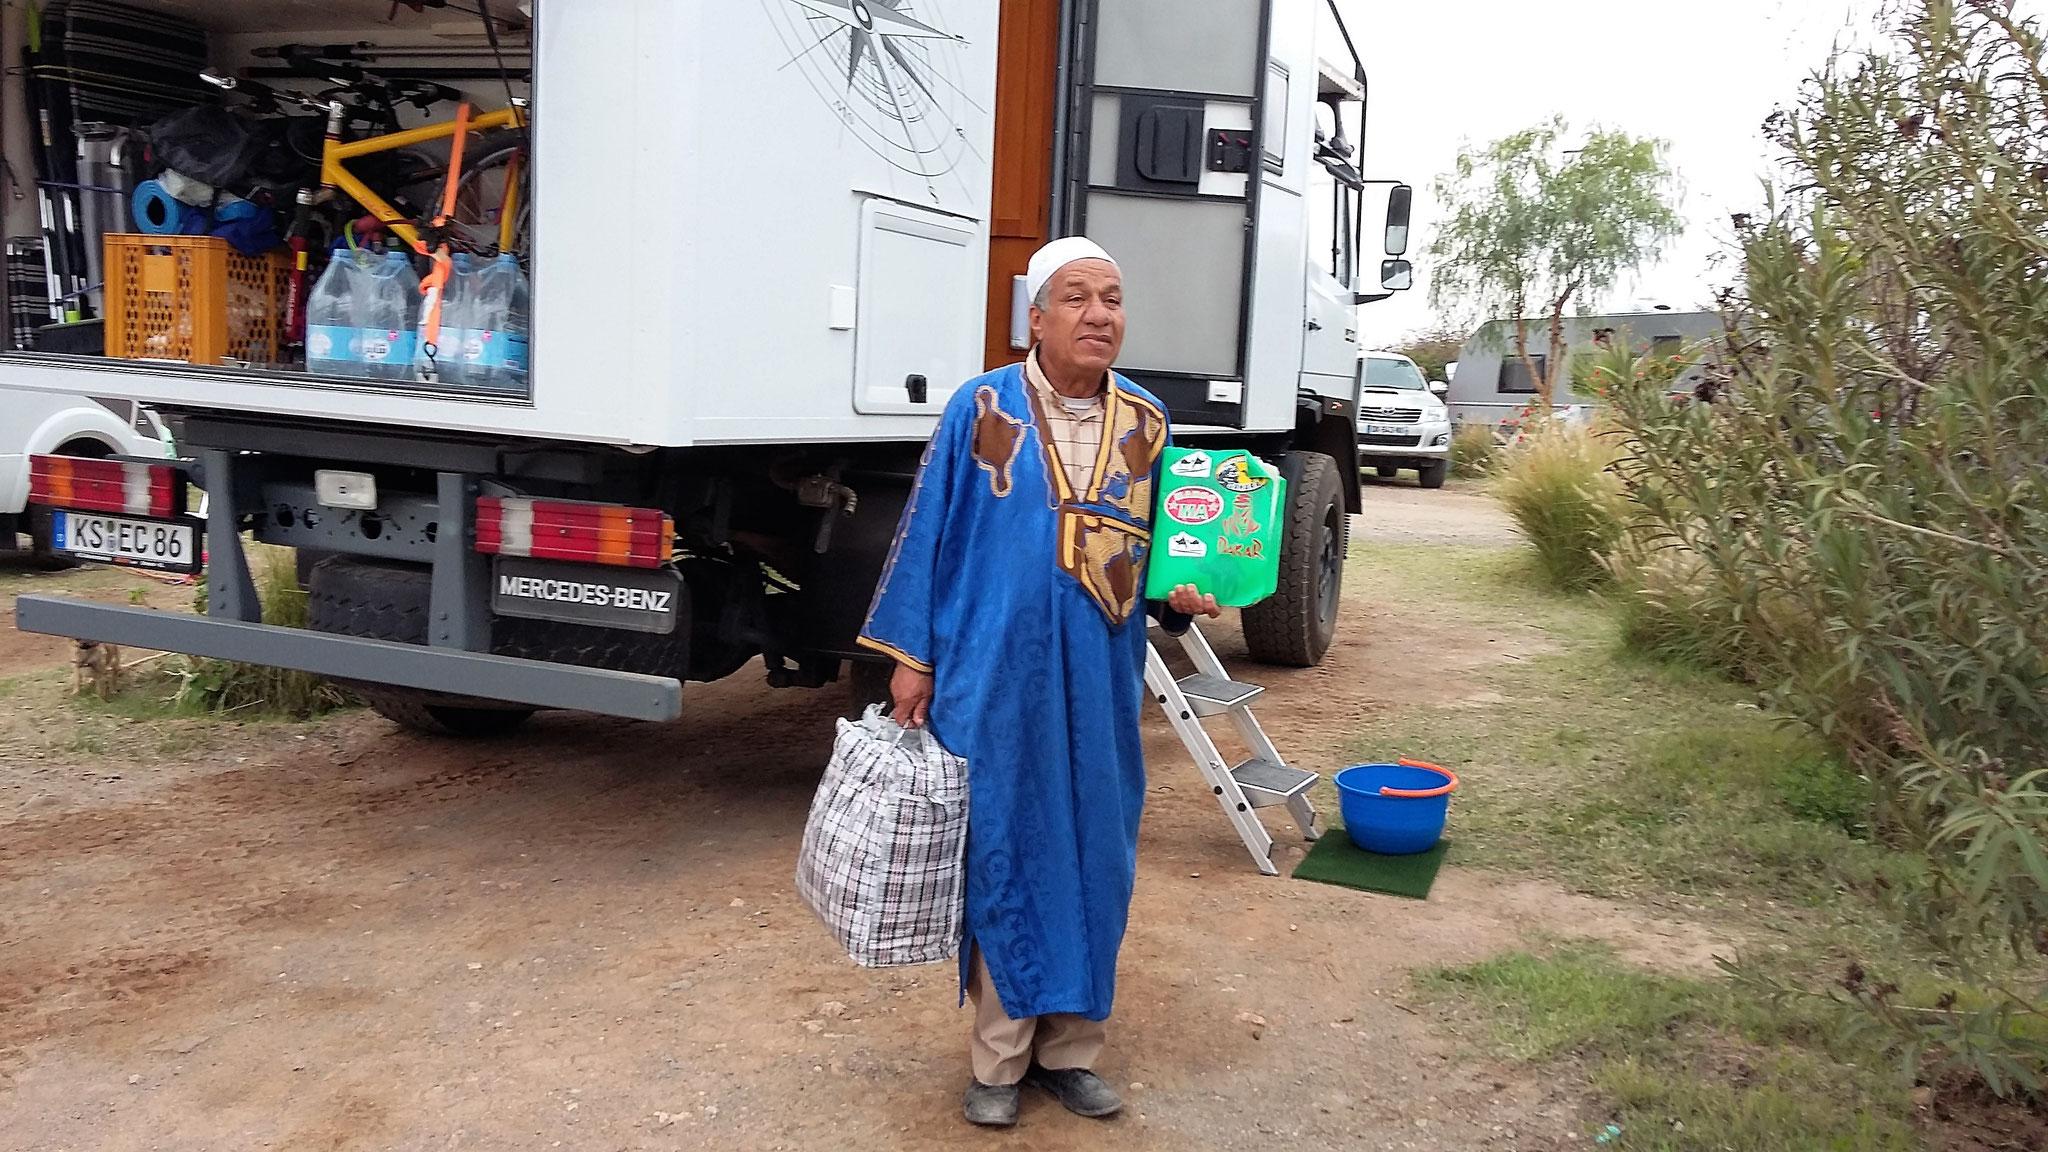 Händler auf dem Campingplatz